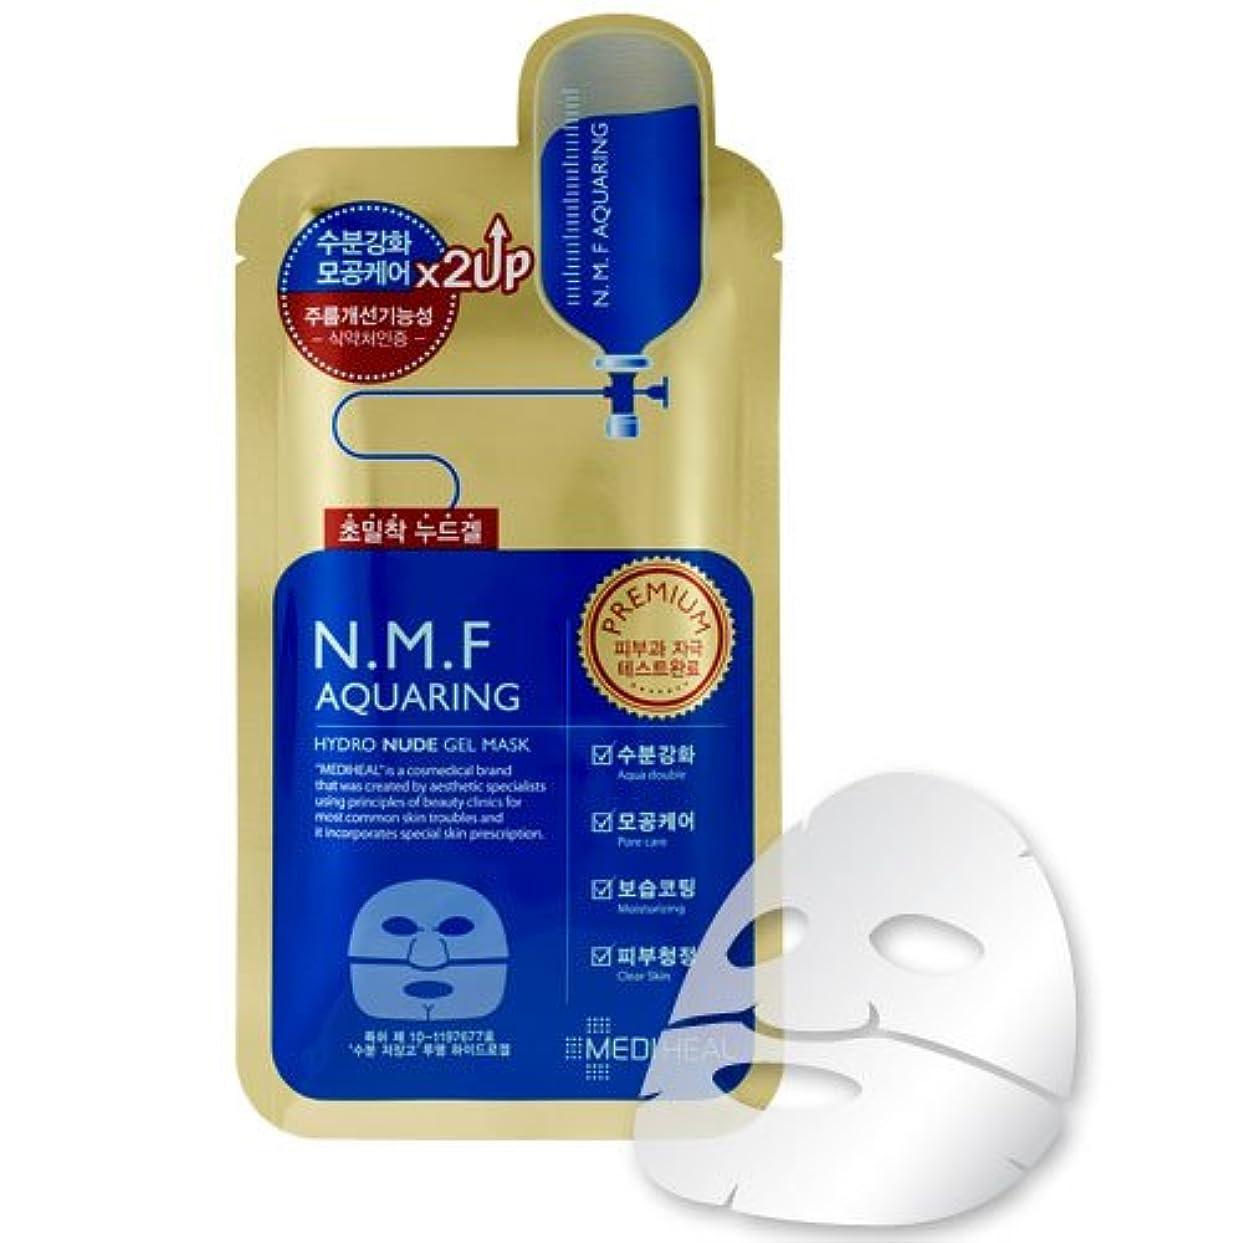 積分ソフトウェアワーディアンケースメディヒール NMF アクアリング ヌード ゲルマスク 1P [海外直送品][並行輸入品]